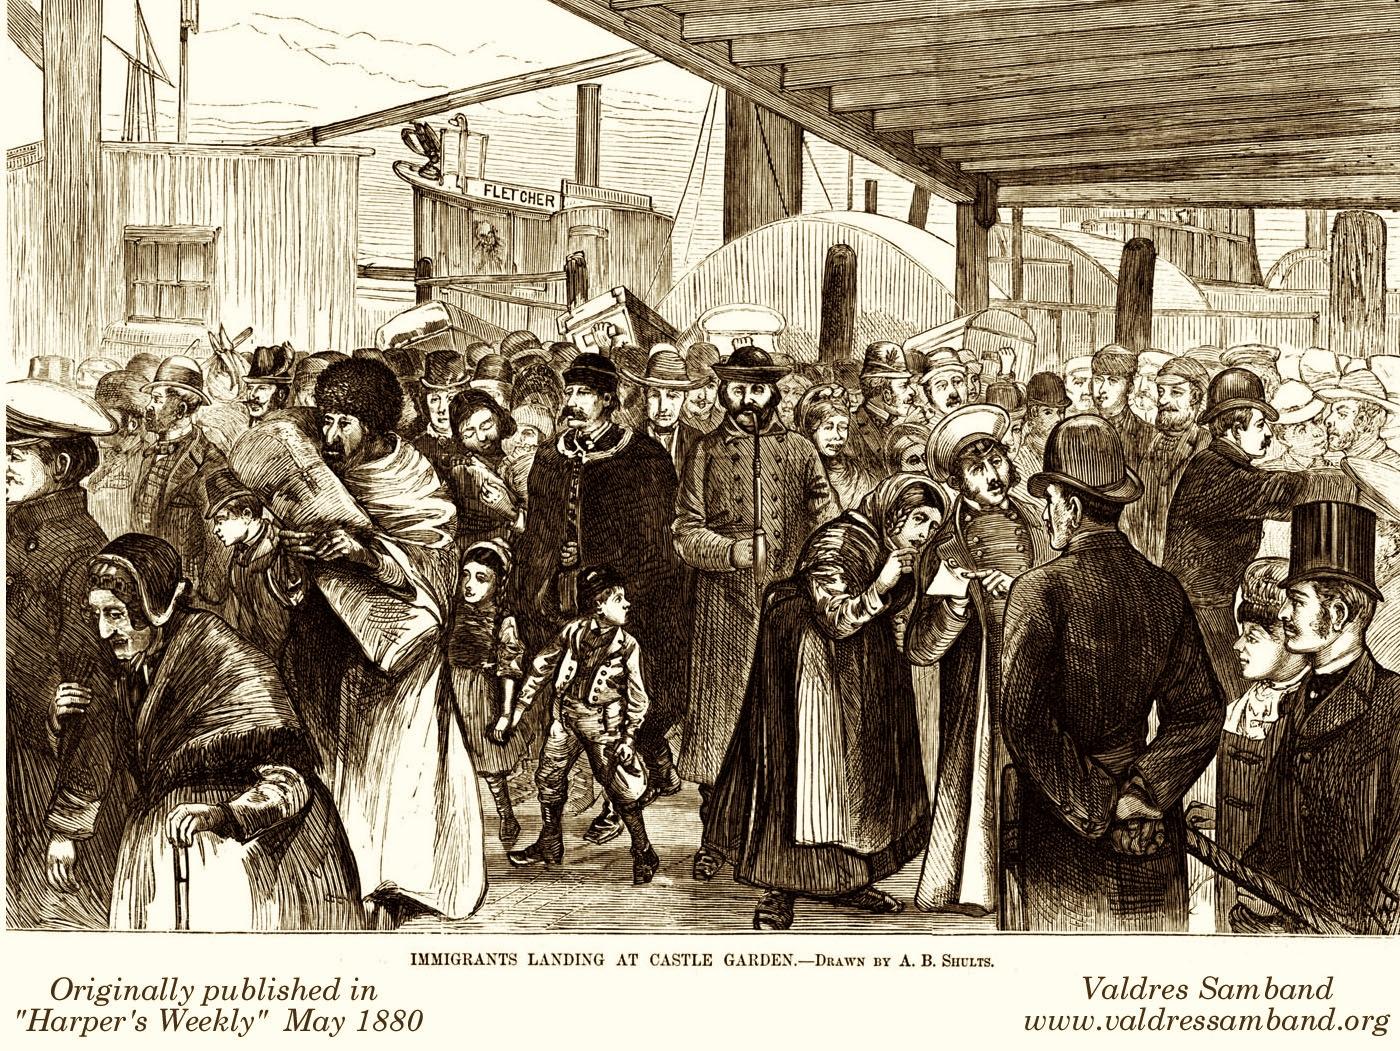 New York City Immigrants 19th Century